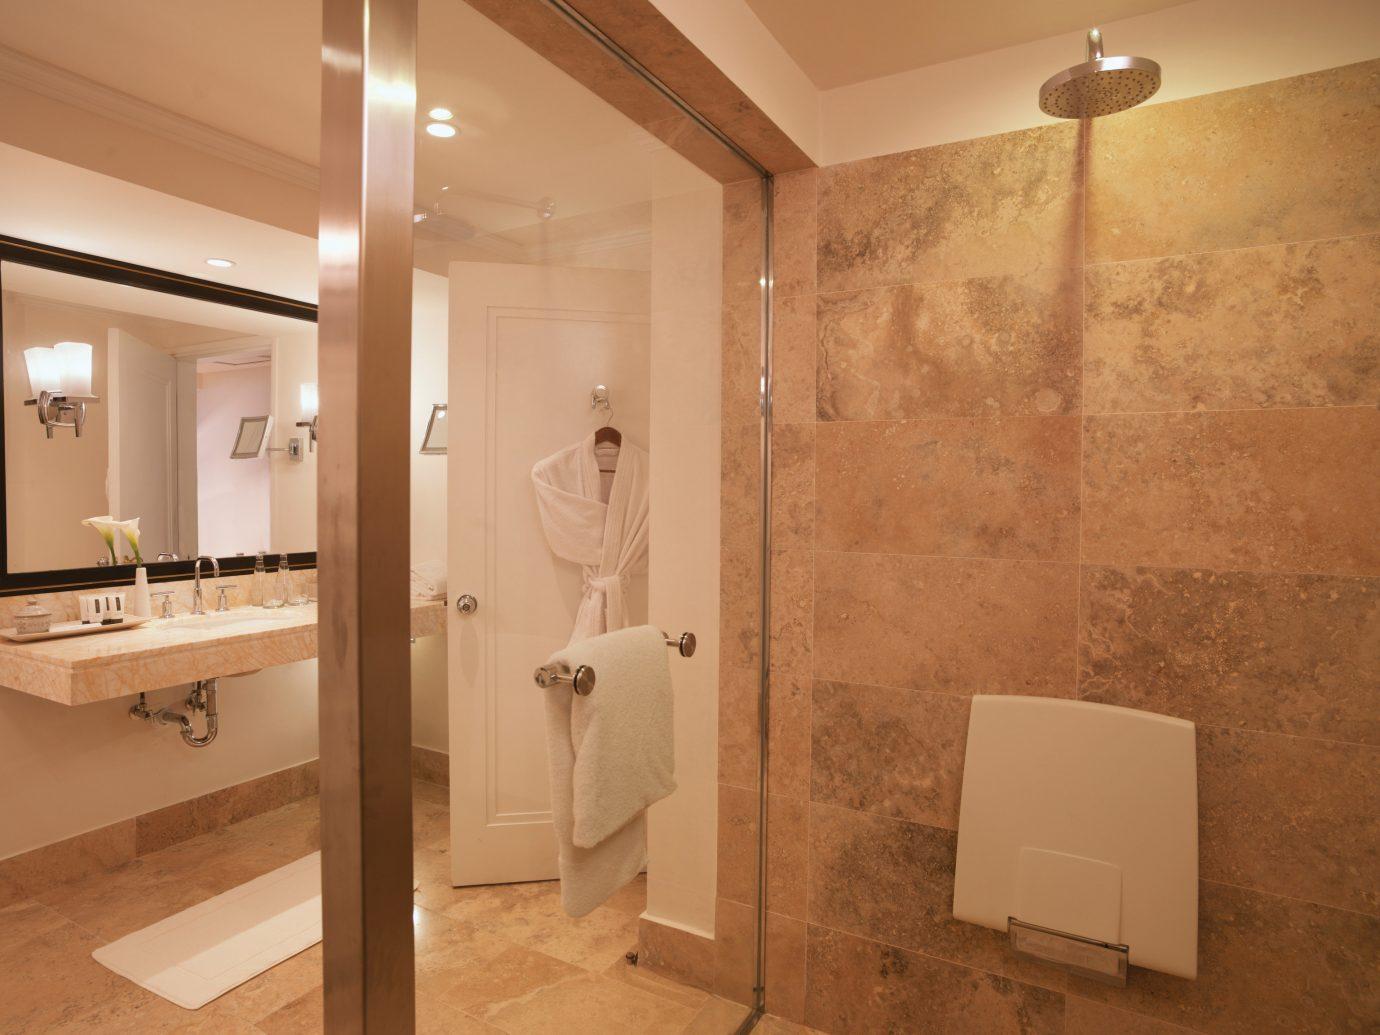 Trip Ideas wall indoor bathroom floor room property ceiling plumbing fixture sink interior design flooring apartment estate